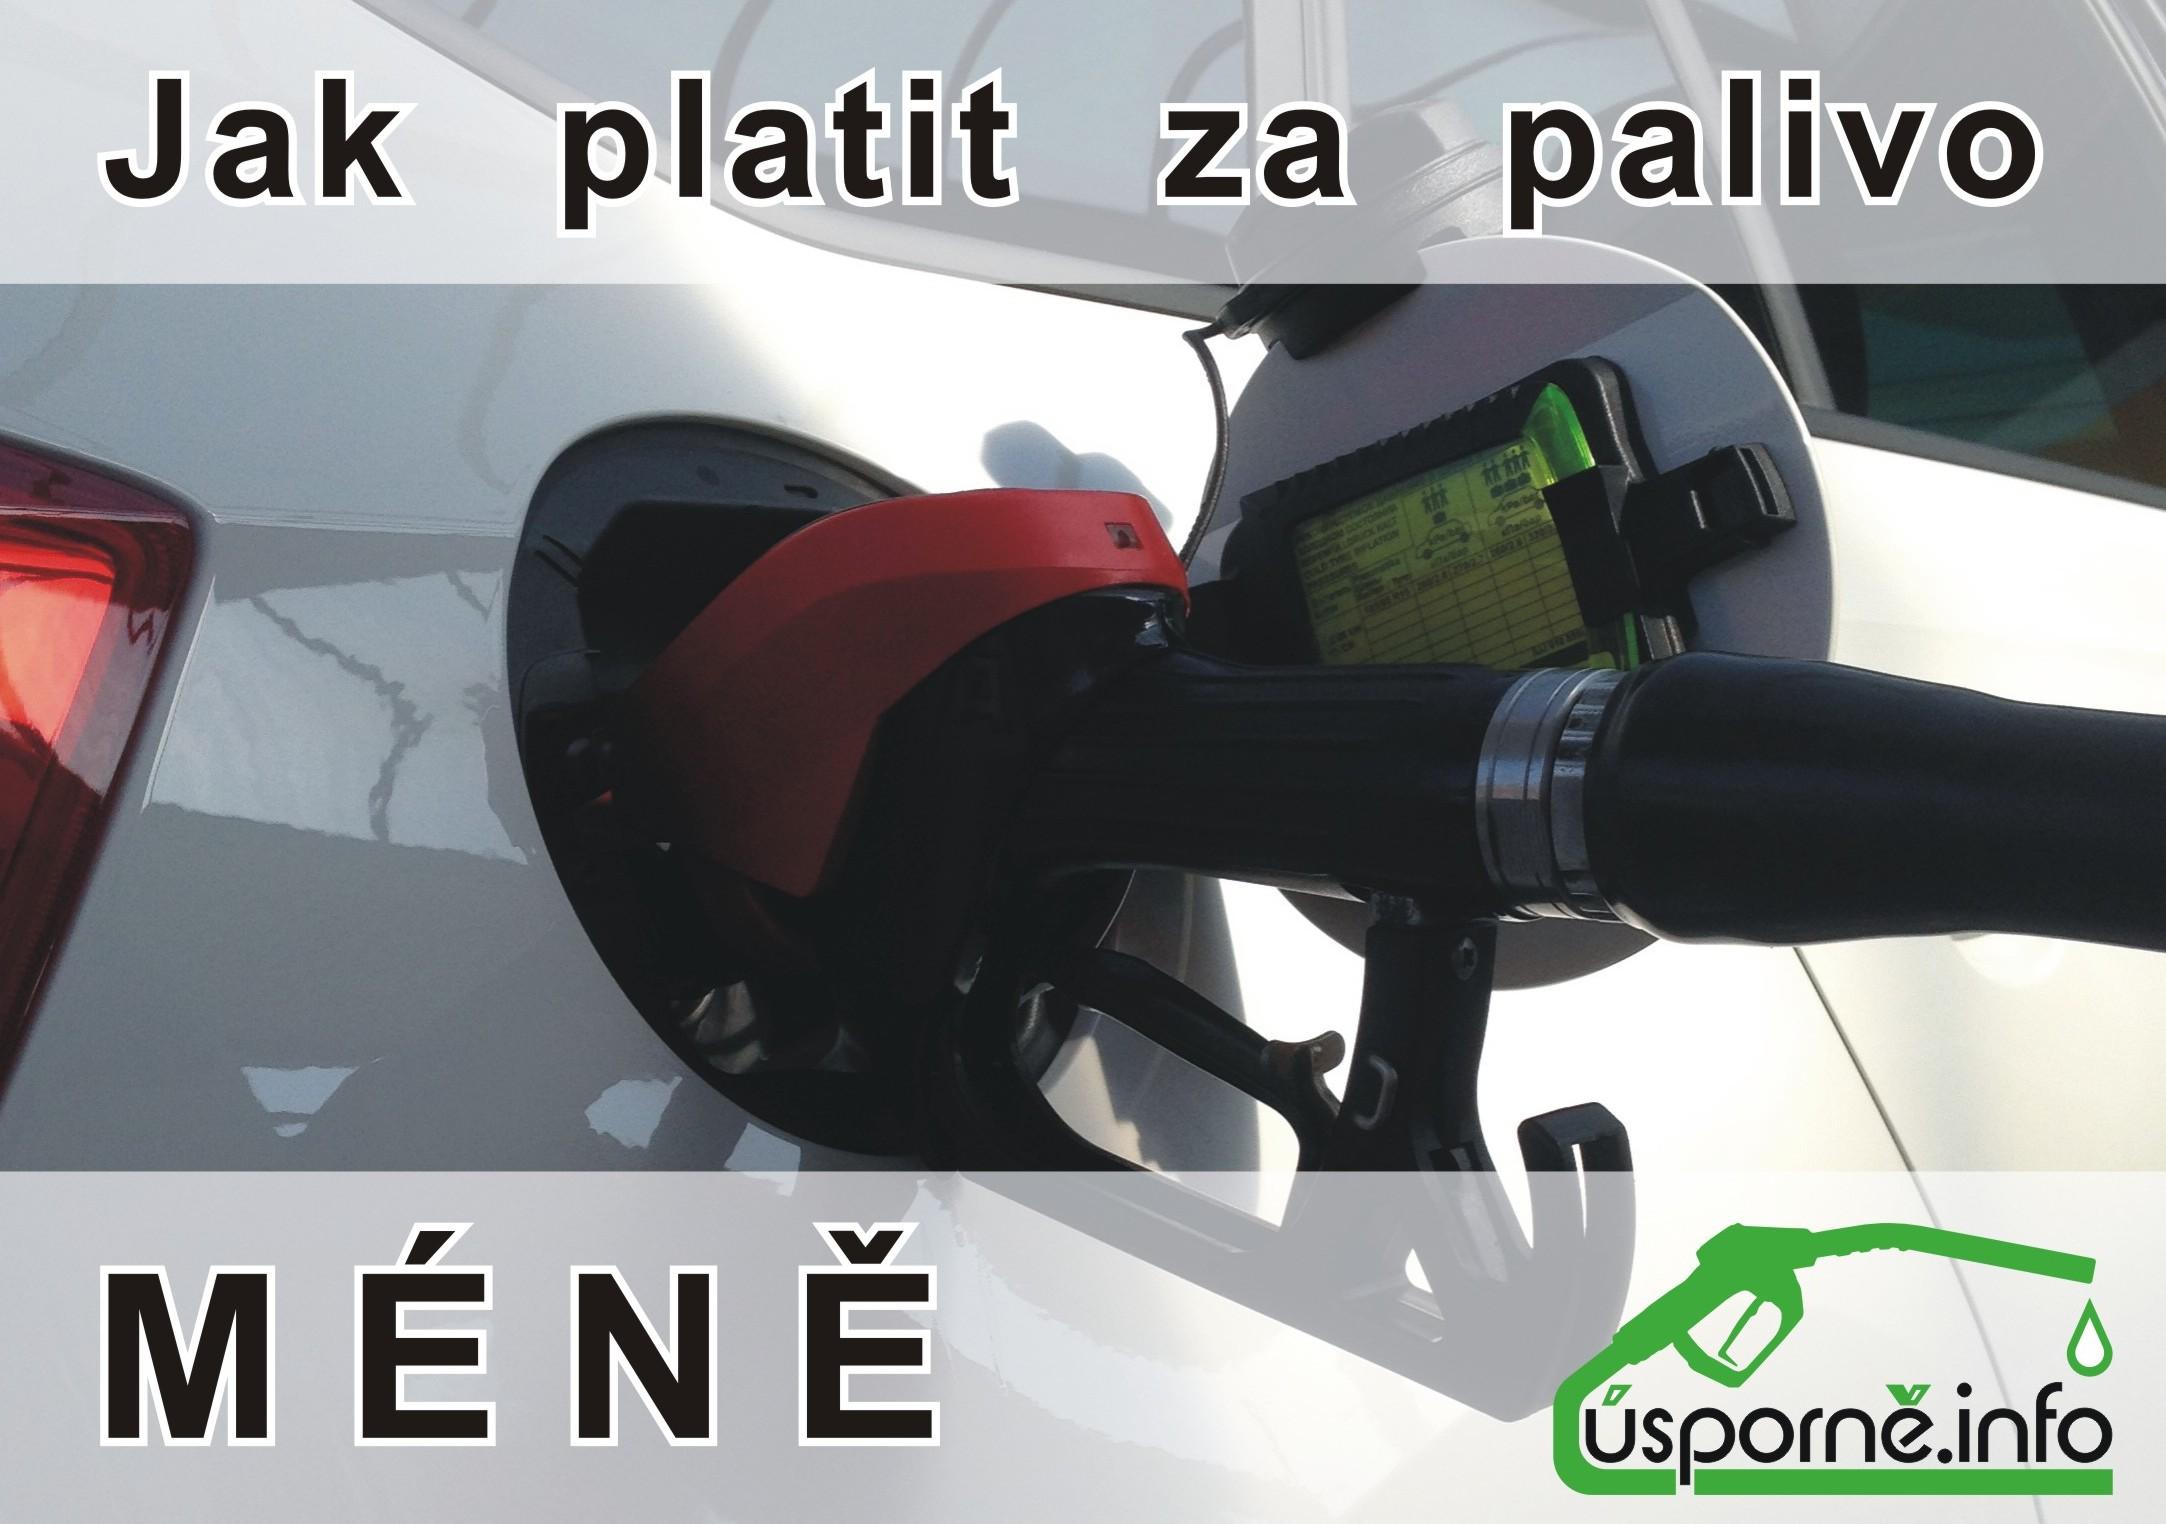 Jak platit za palivo méně.